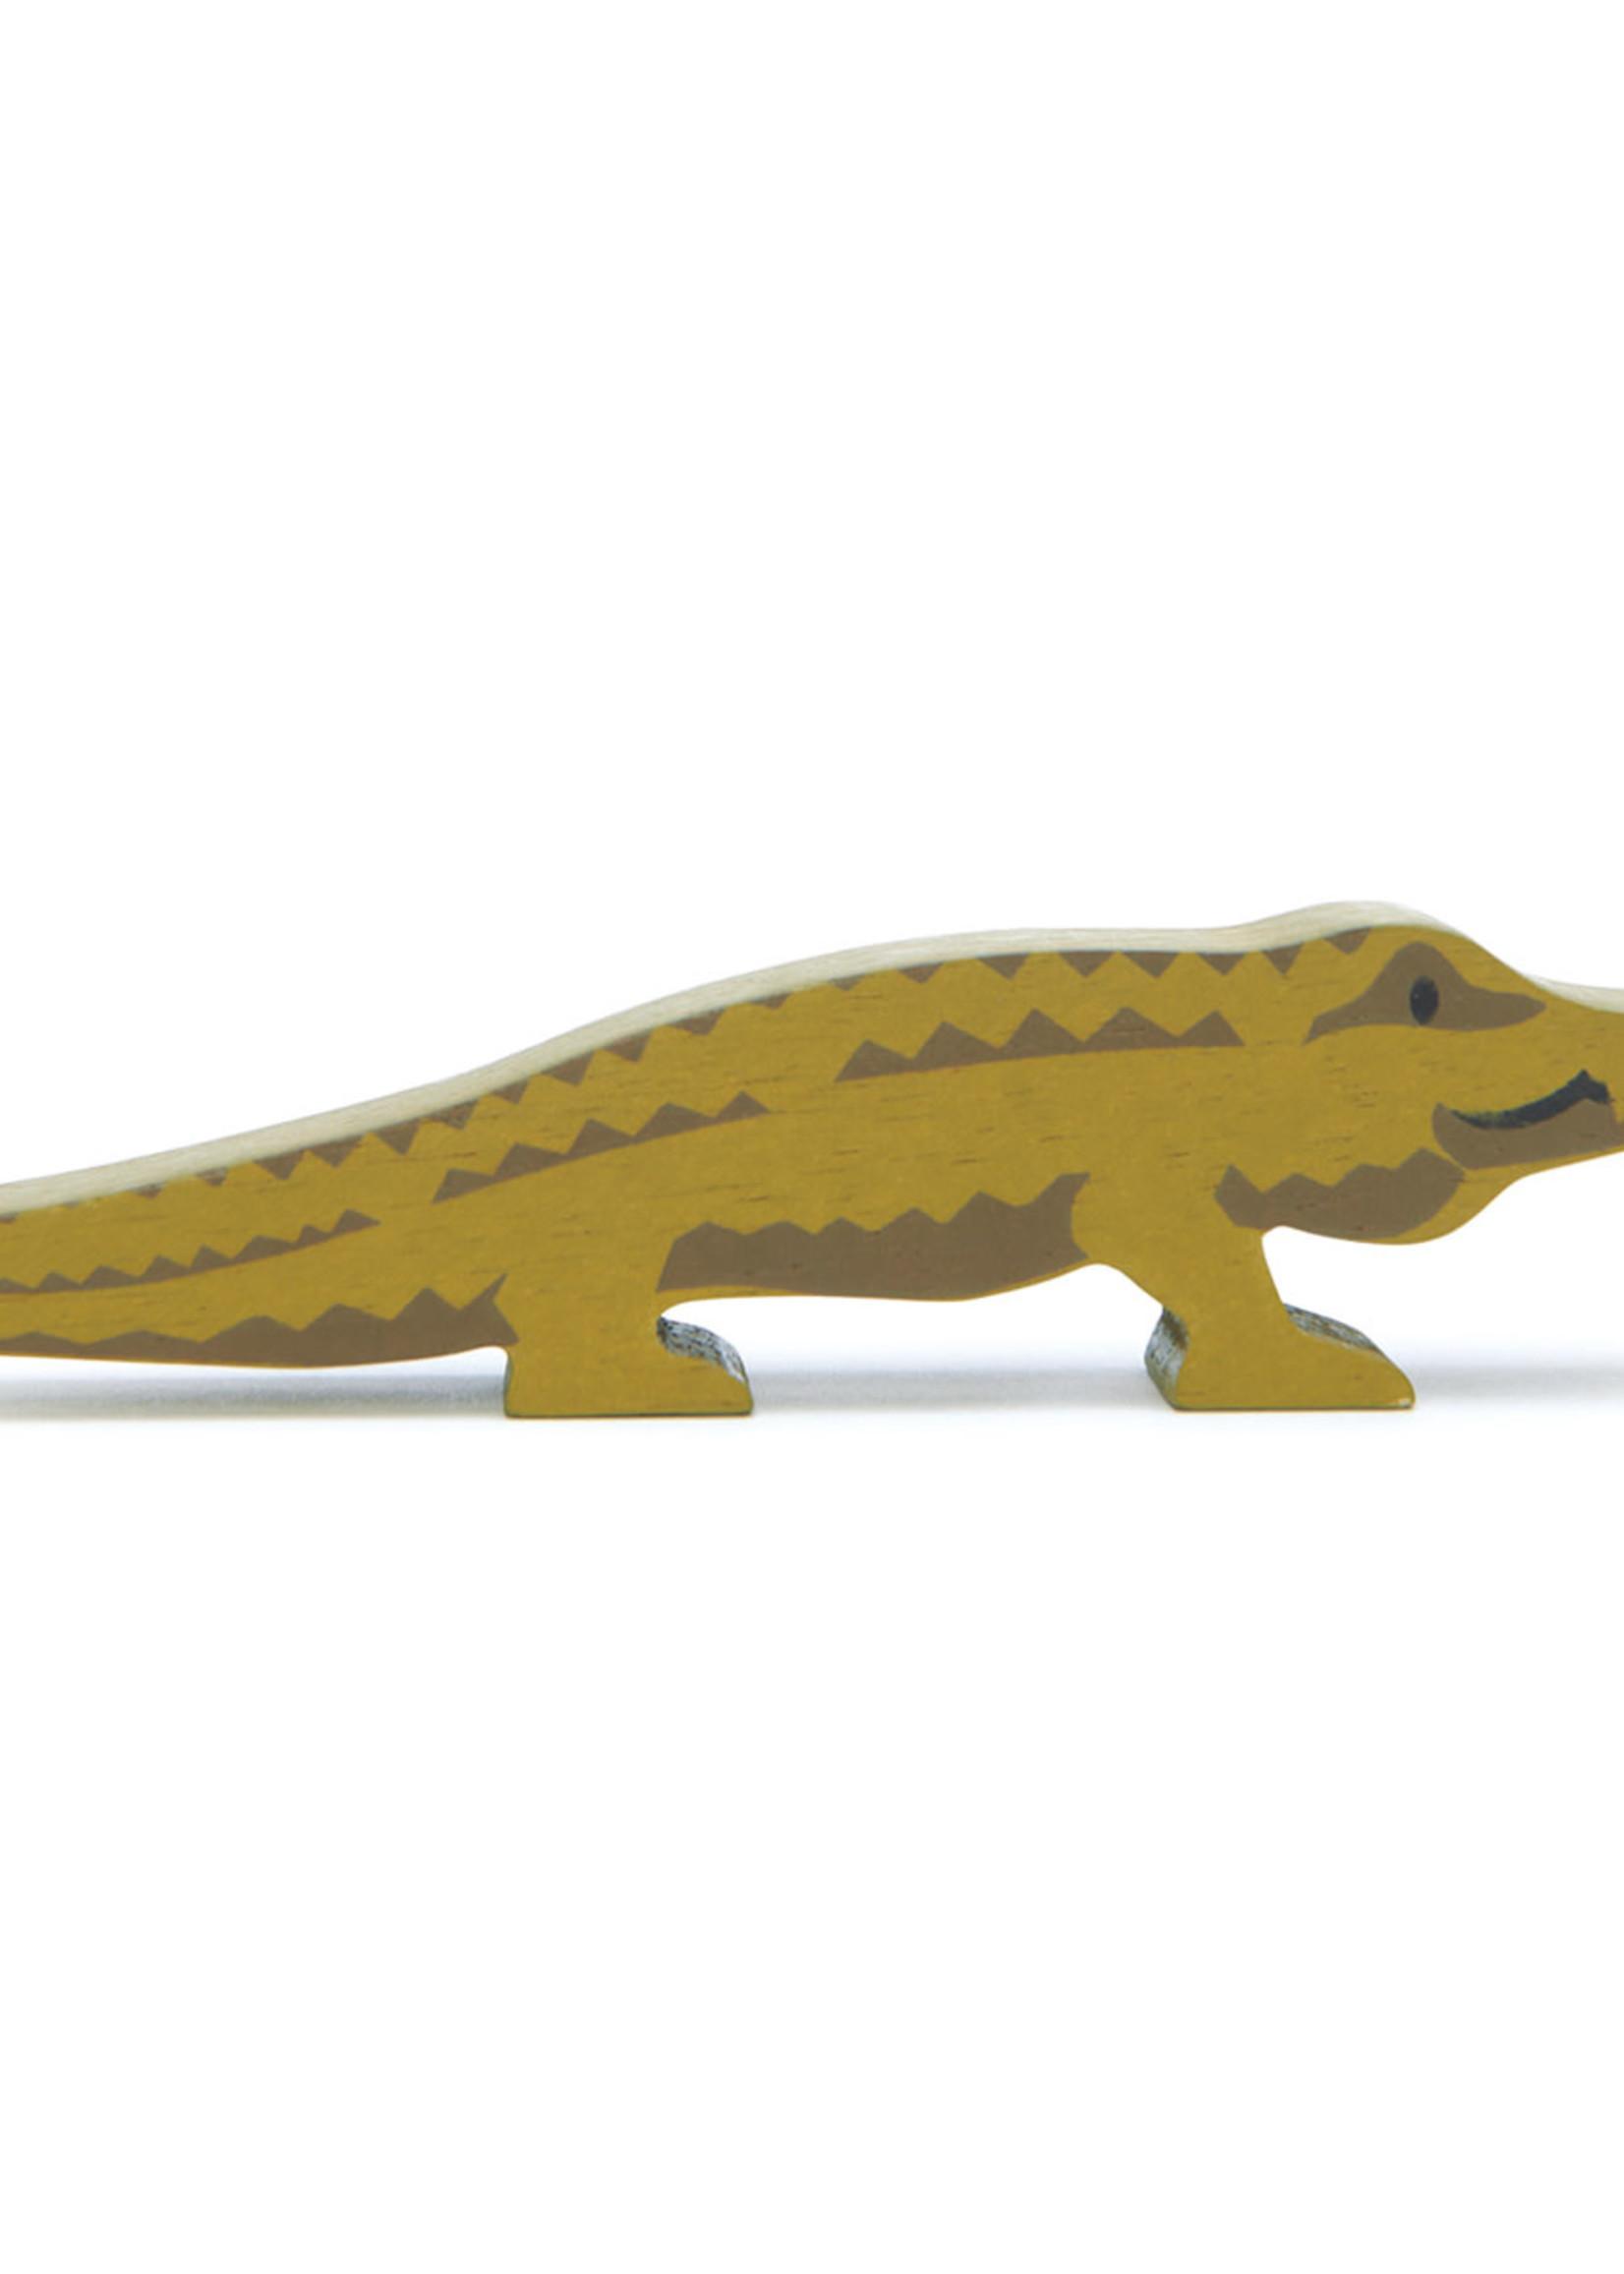 Tender Leaf Toys Safari Animal Crocodile